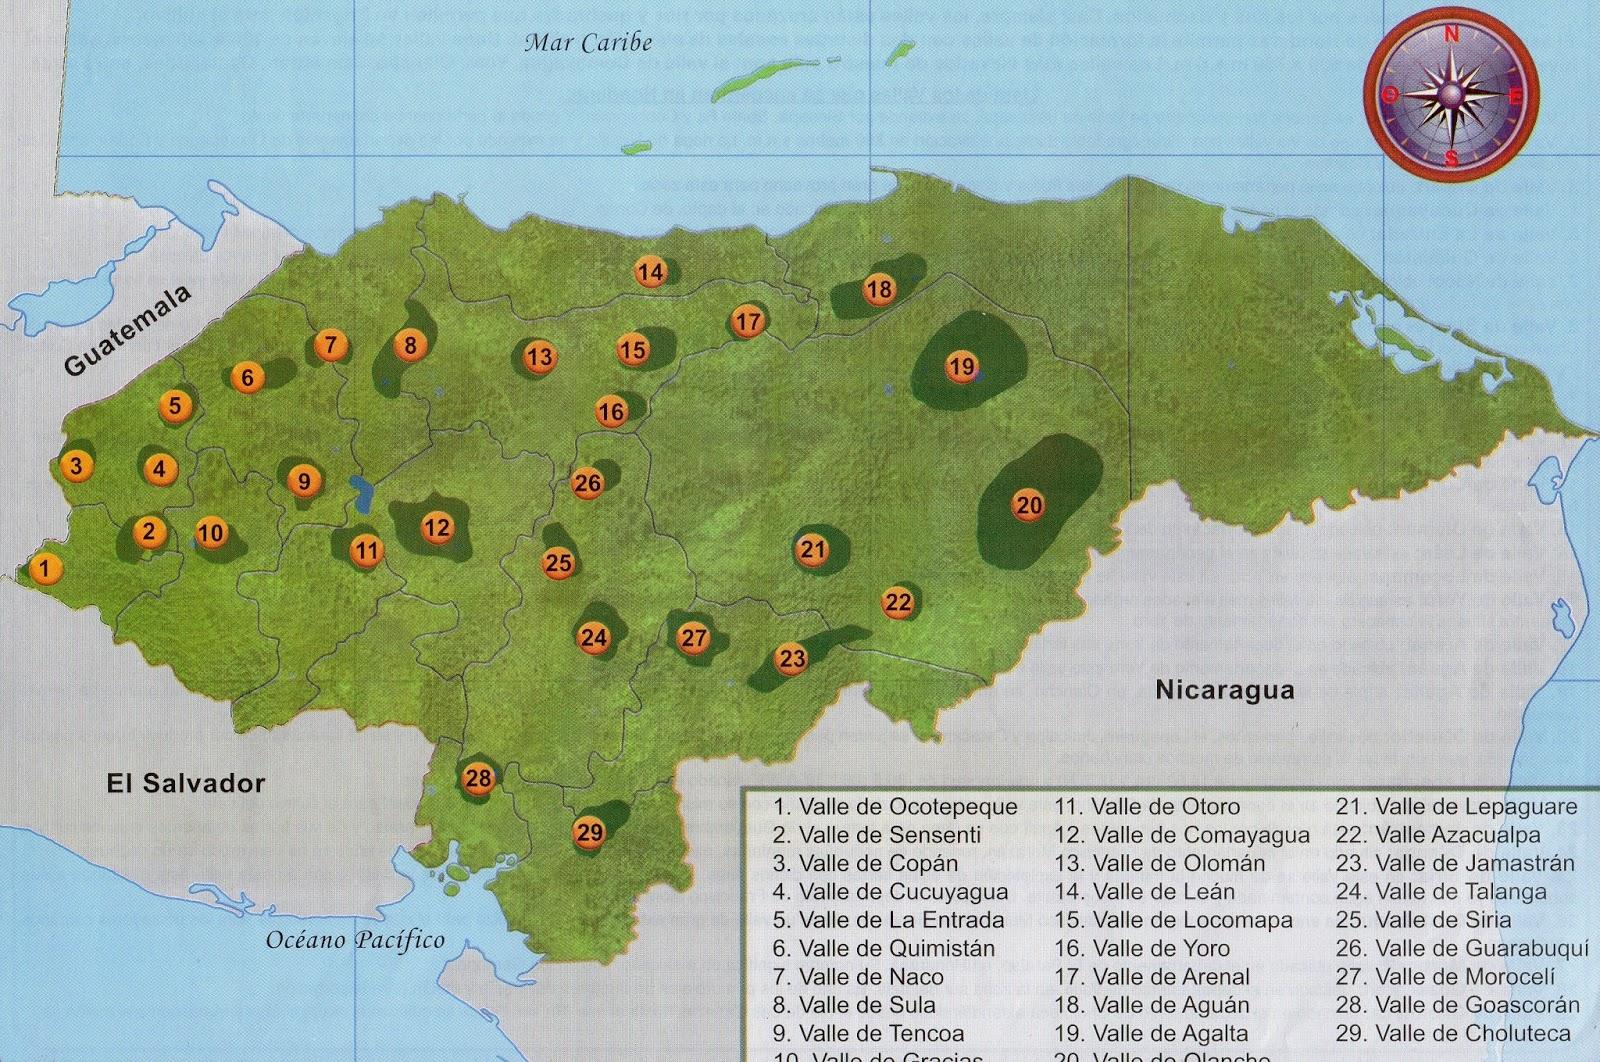 HONDU TAREAS LAS TAREAS DE HONDURAS Los 7 valles ms importantes